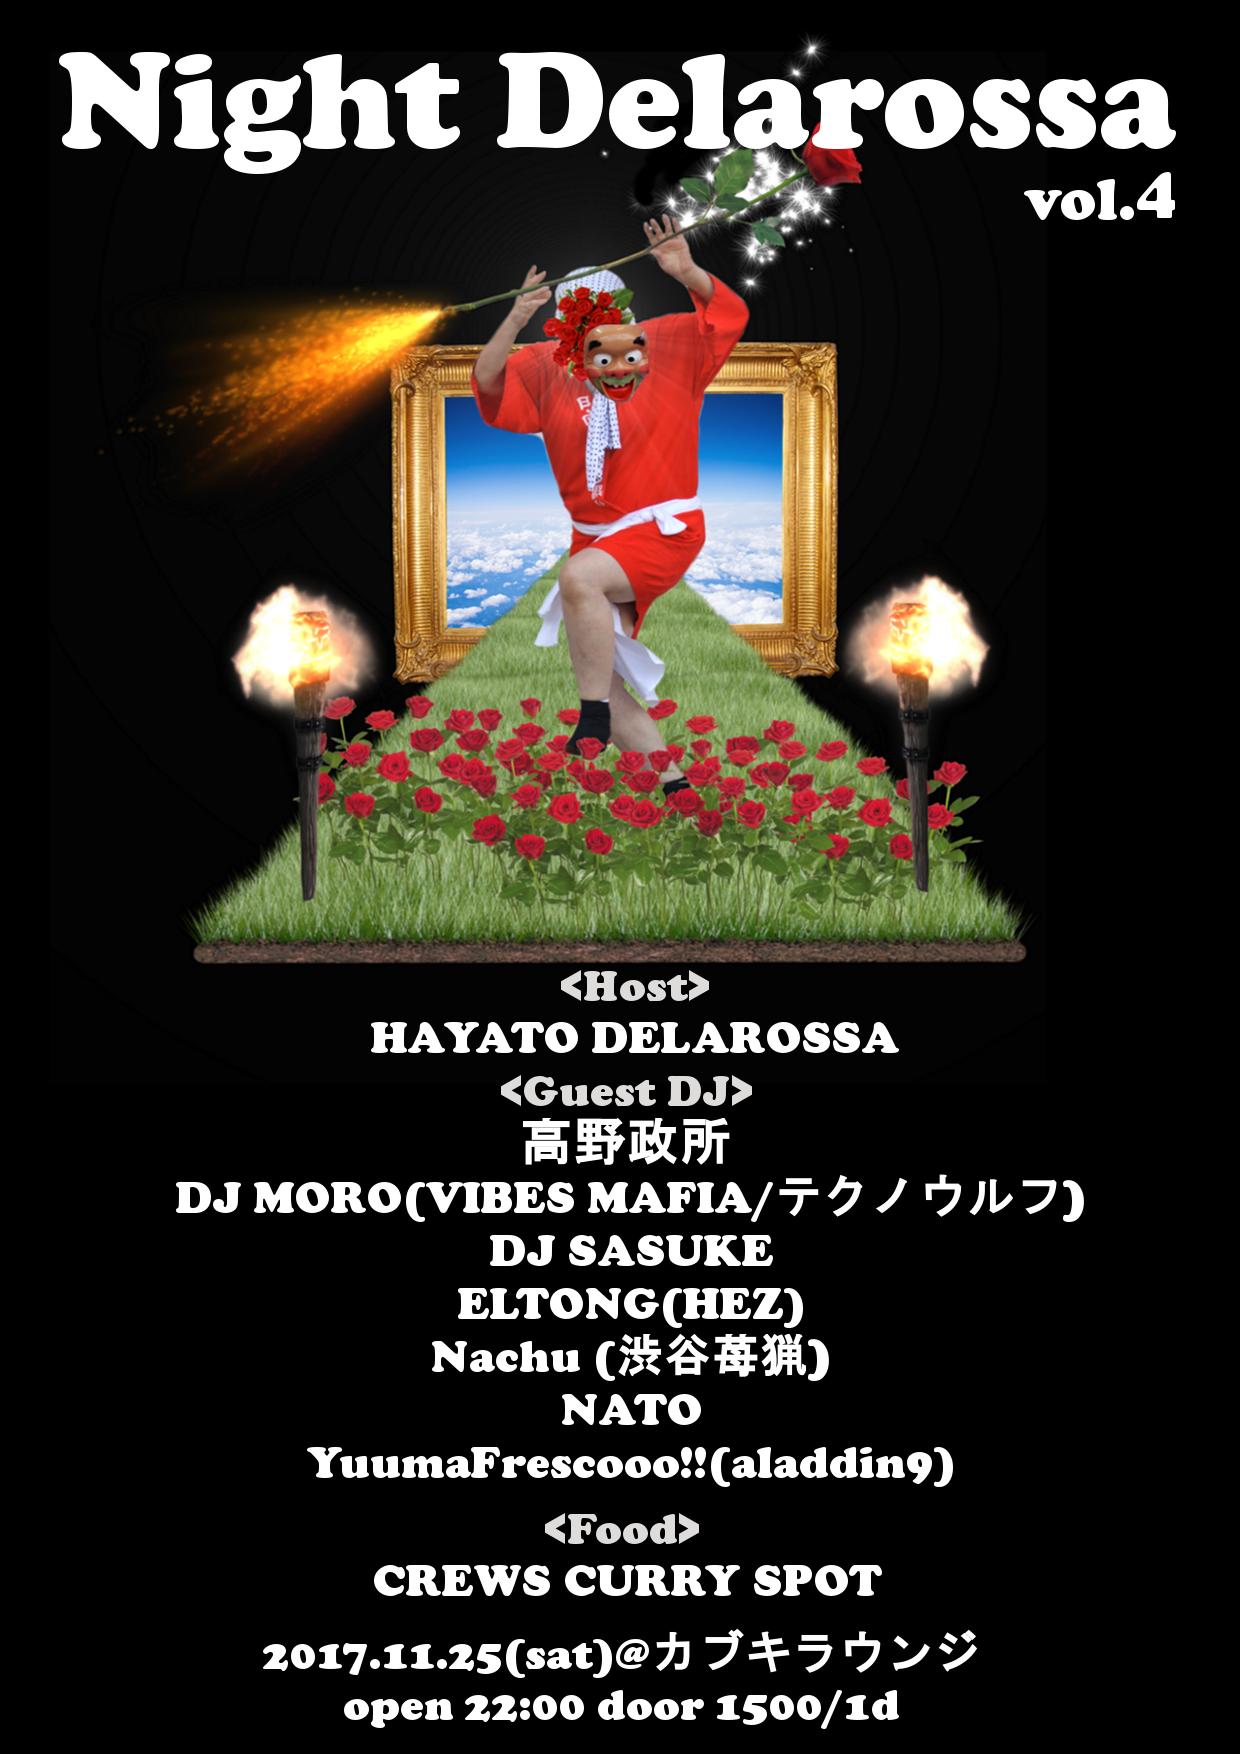 """2017.11.25(sat)@カブキラウンジ """"Night Delarossa vol.4"""""""